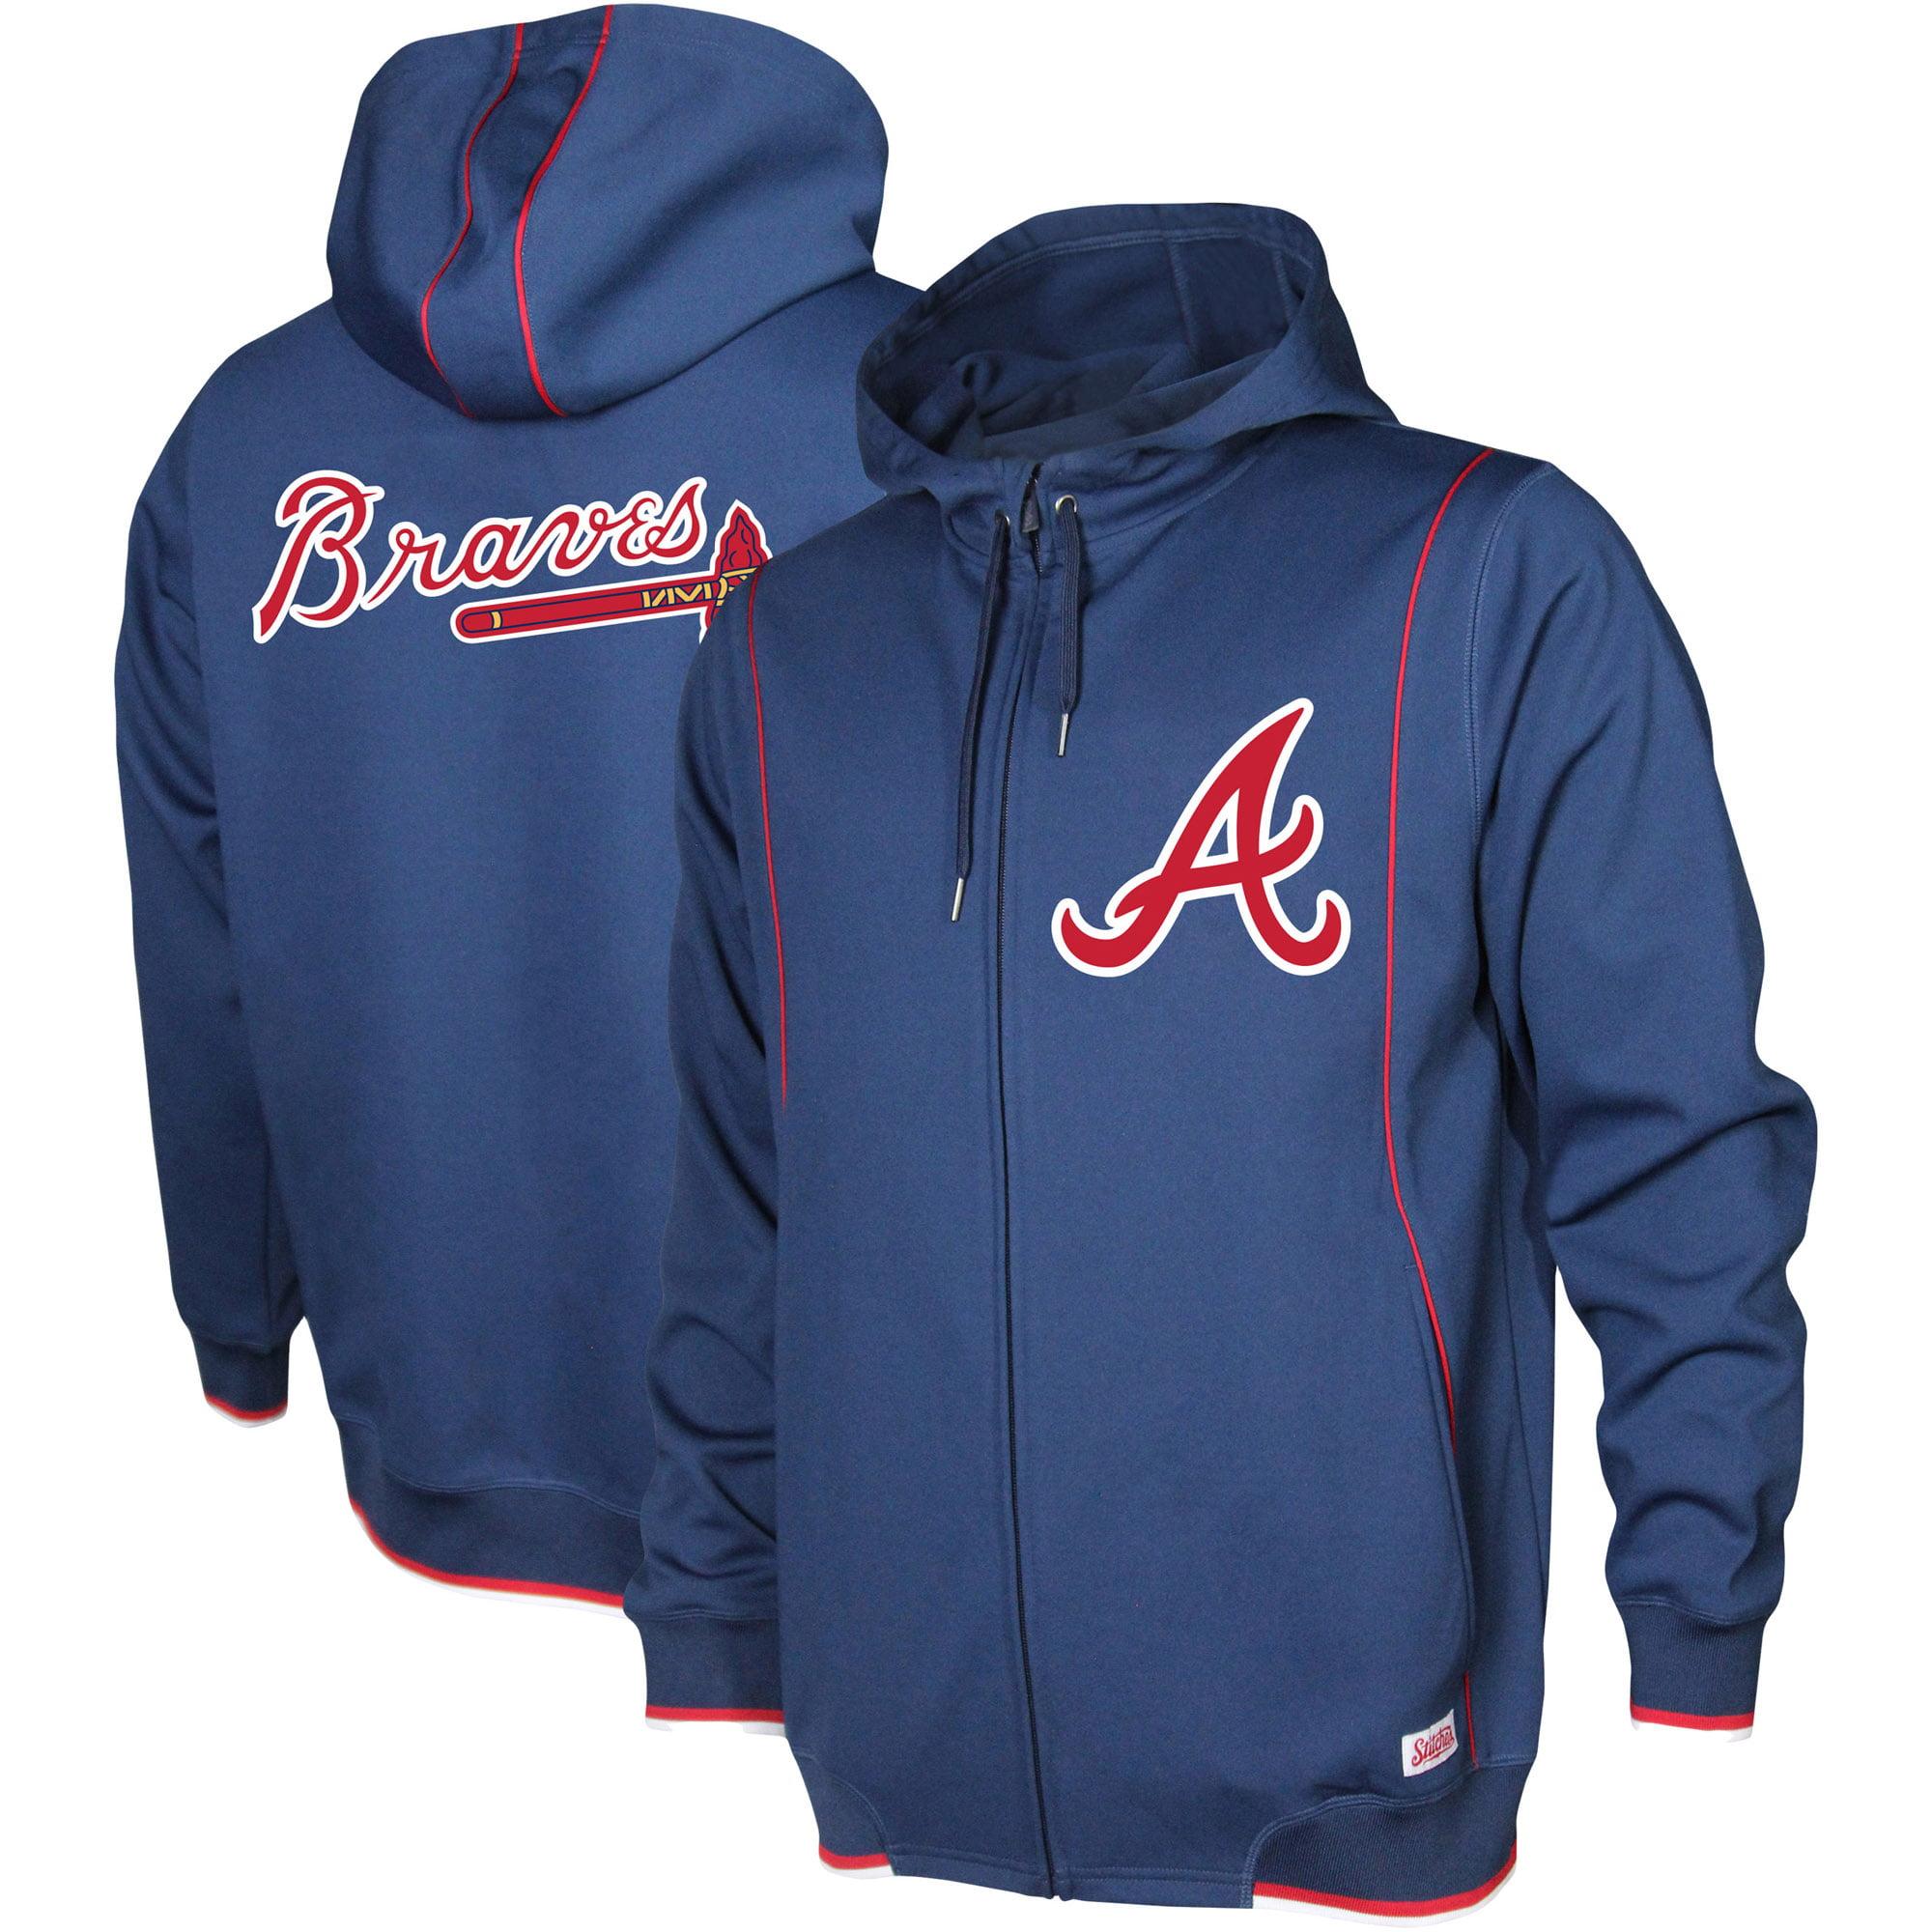 Atlanta Braves Stitches Logo Full-Zip Hoodie - Navy